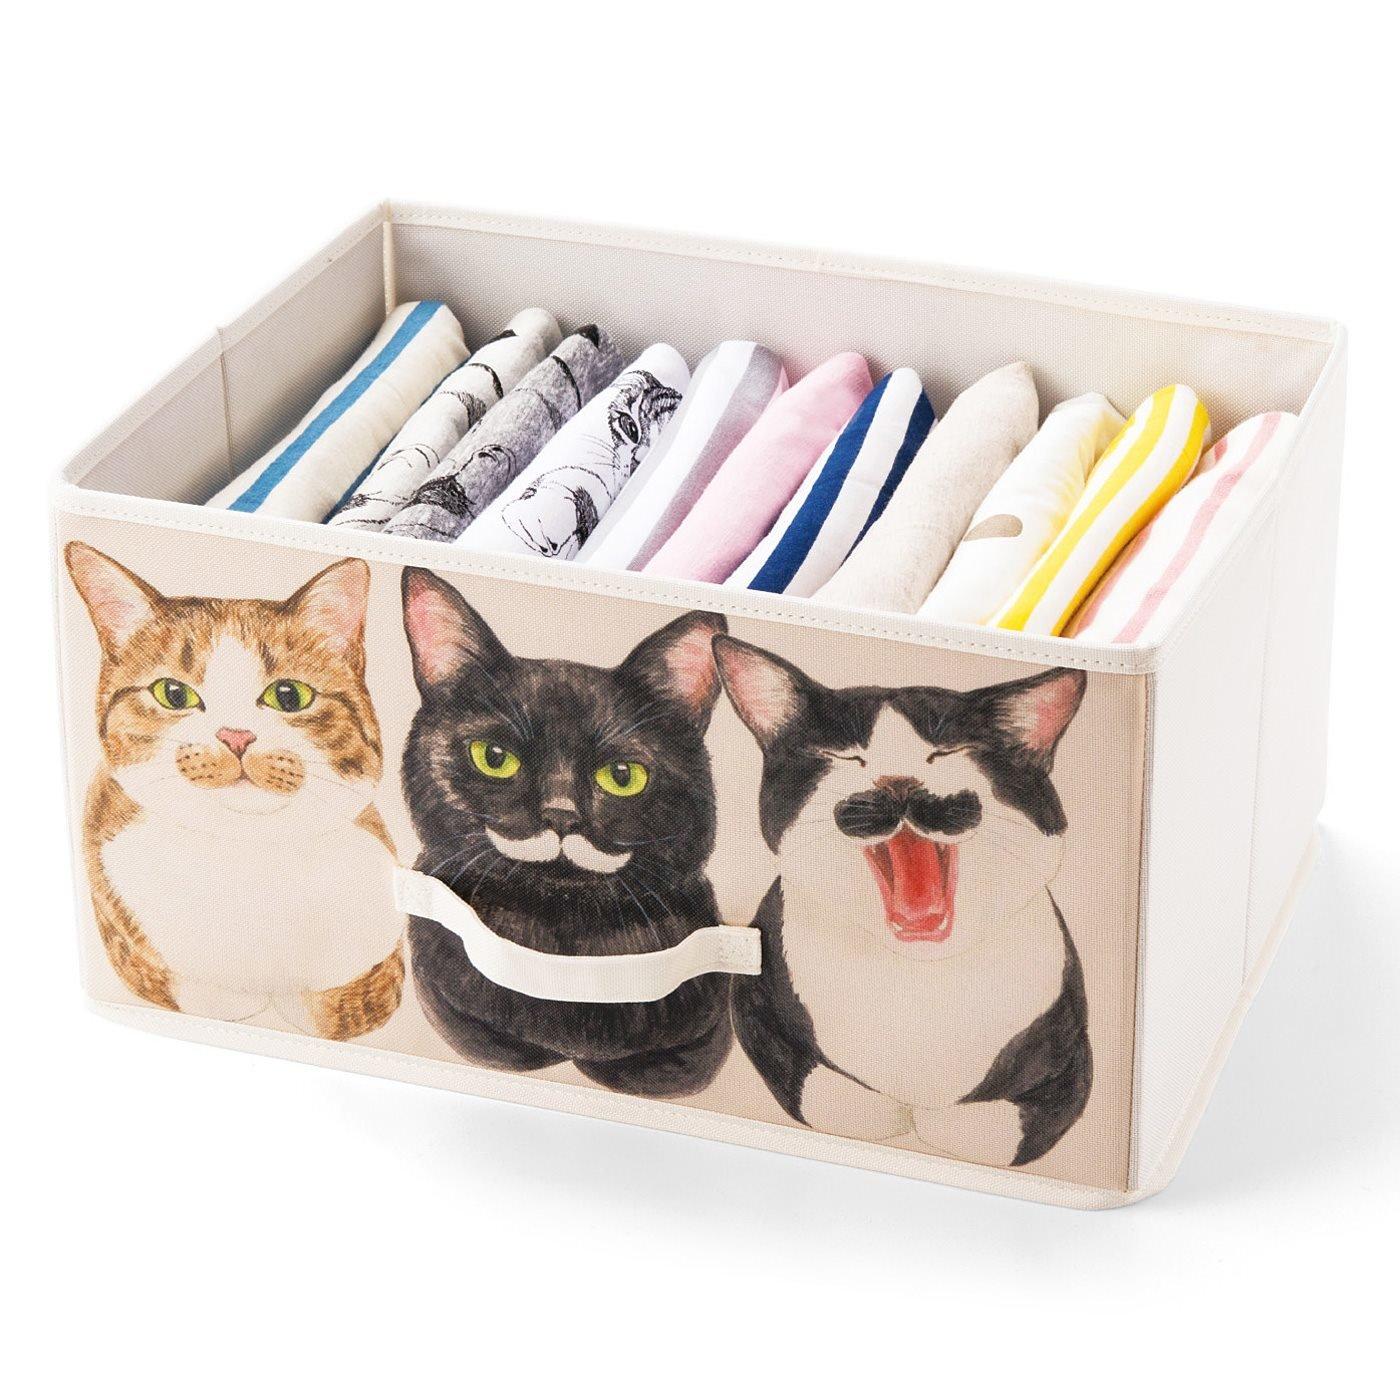 YOU+MORE! 棚が猫まみれになる 香箱座り猫の収納ボックスの会